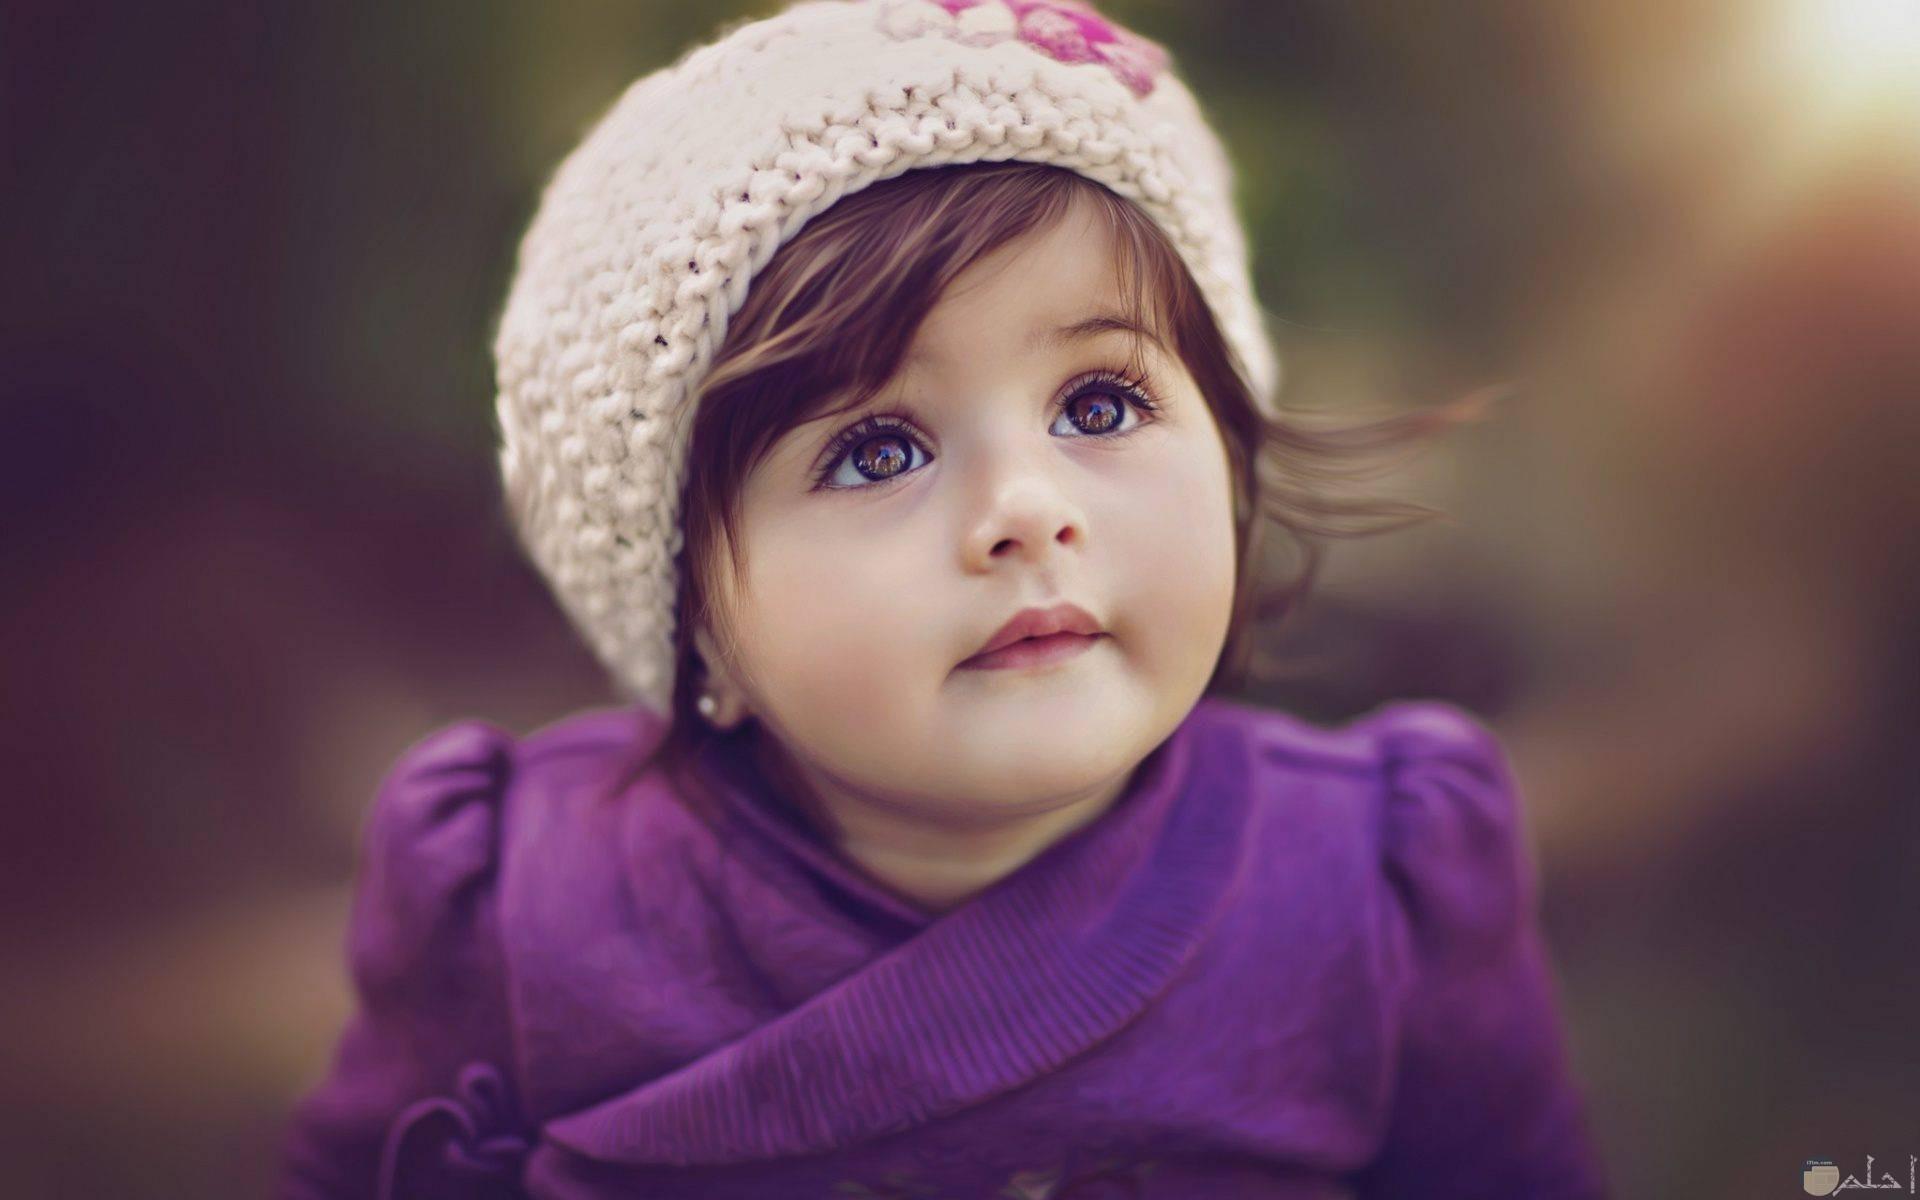 طفلة جميلة ترتدى فستان موف وكاب بيج